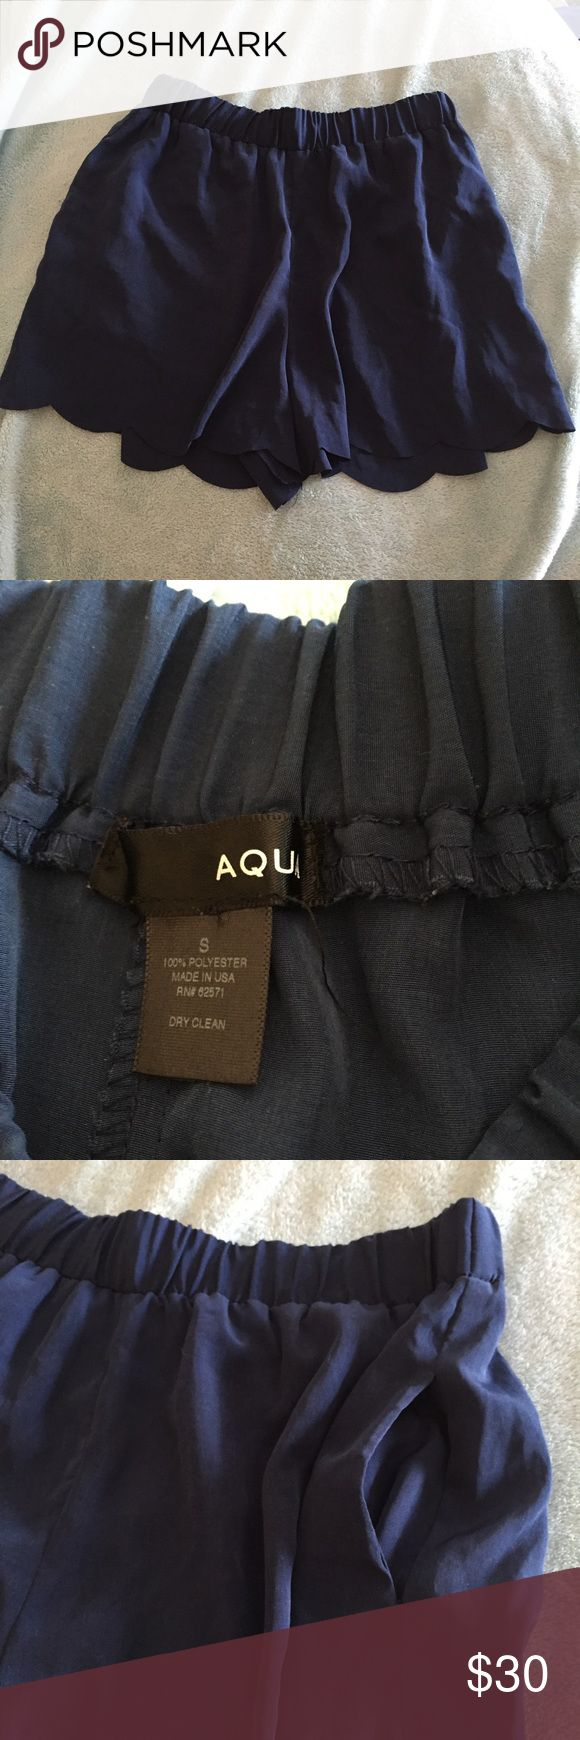 Aqua scalloped shorts Worn once ❌ NO TRADES ❌ Aqua Shorts